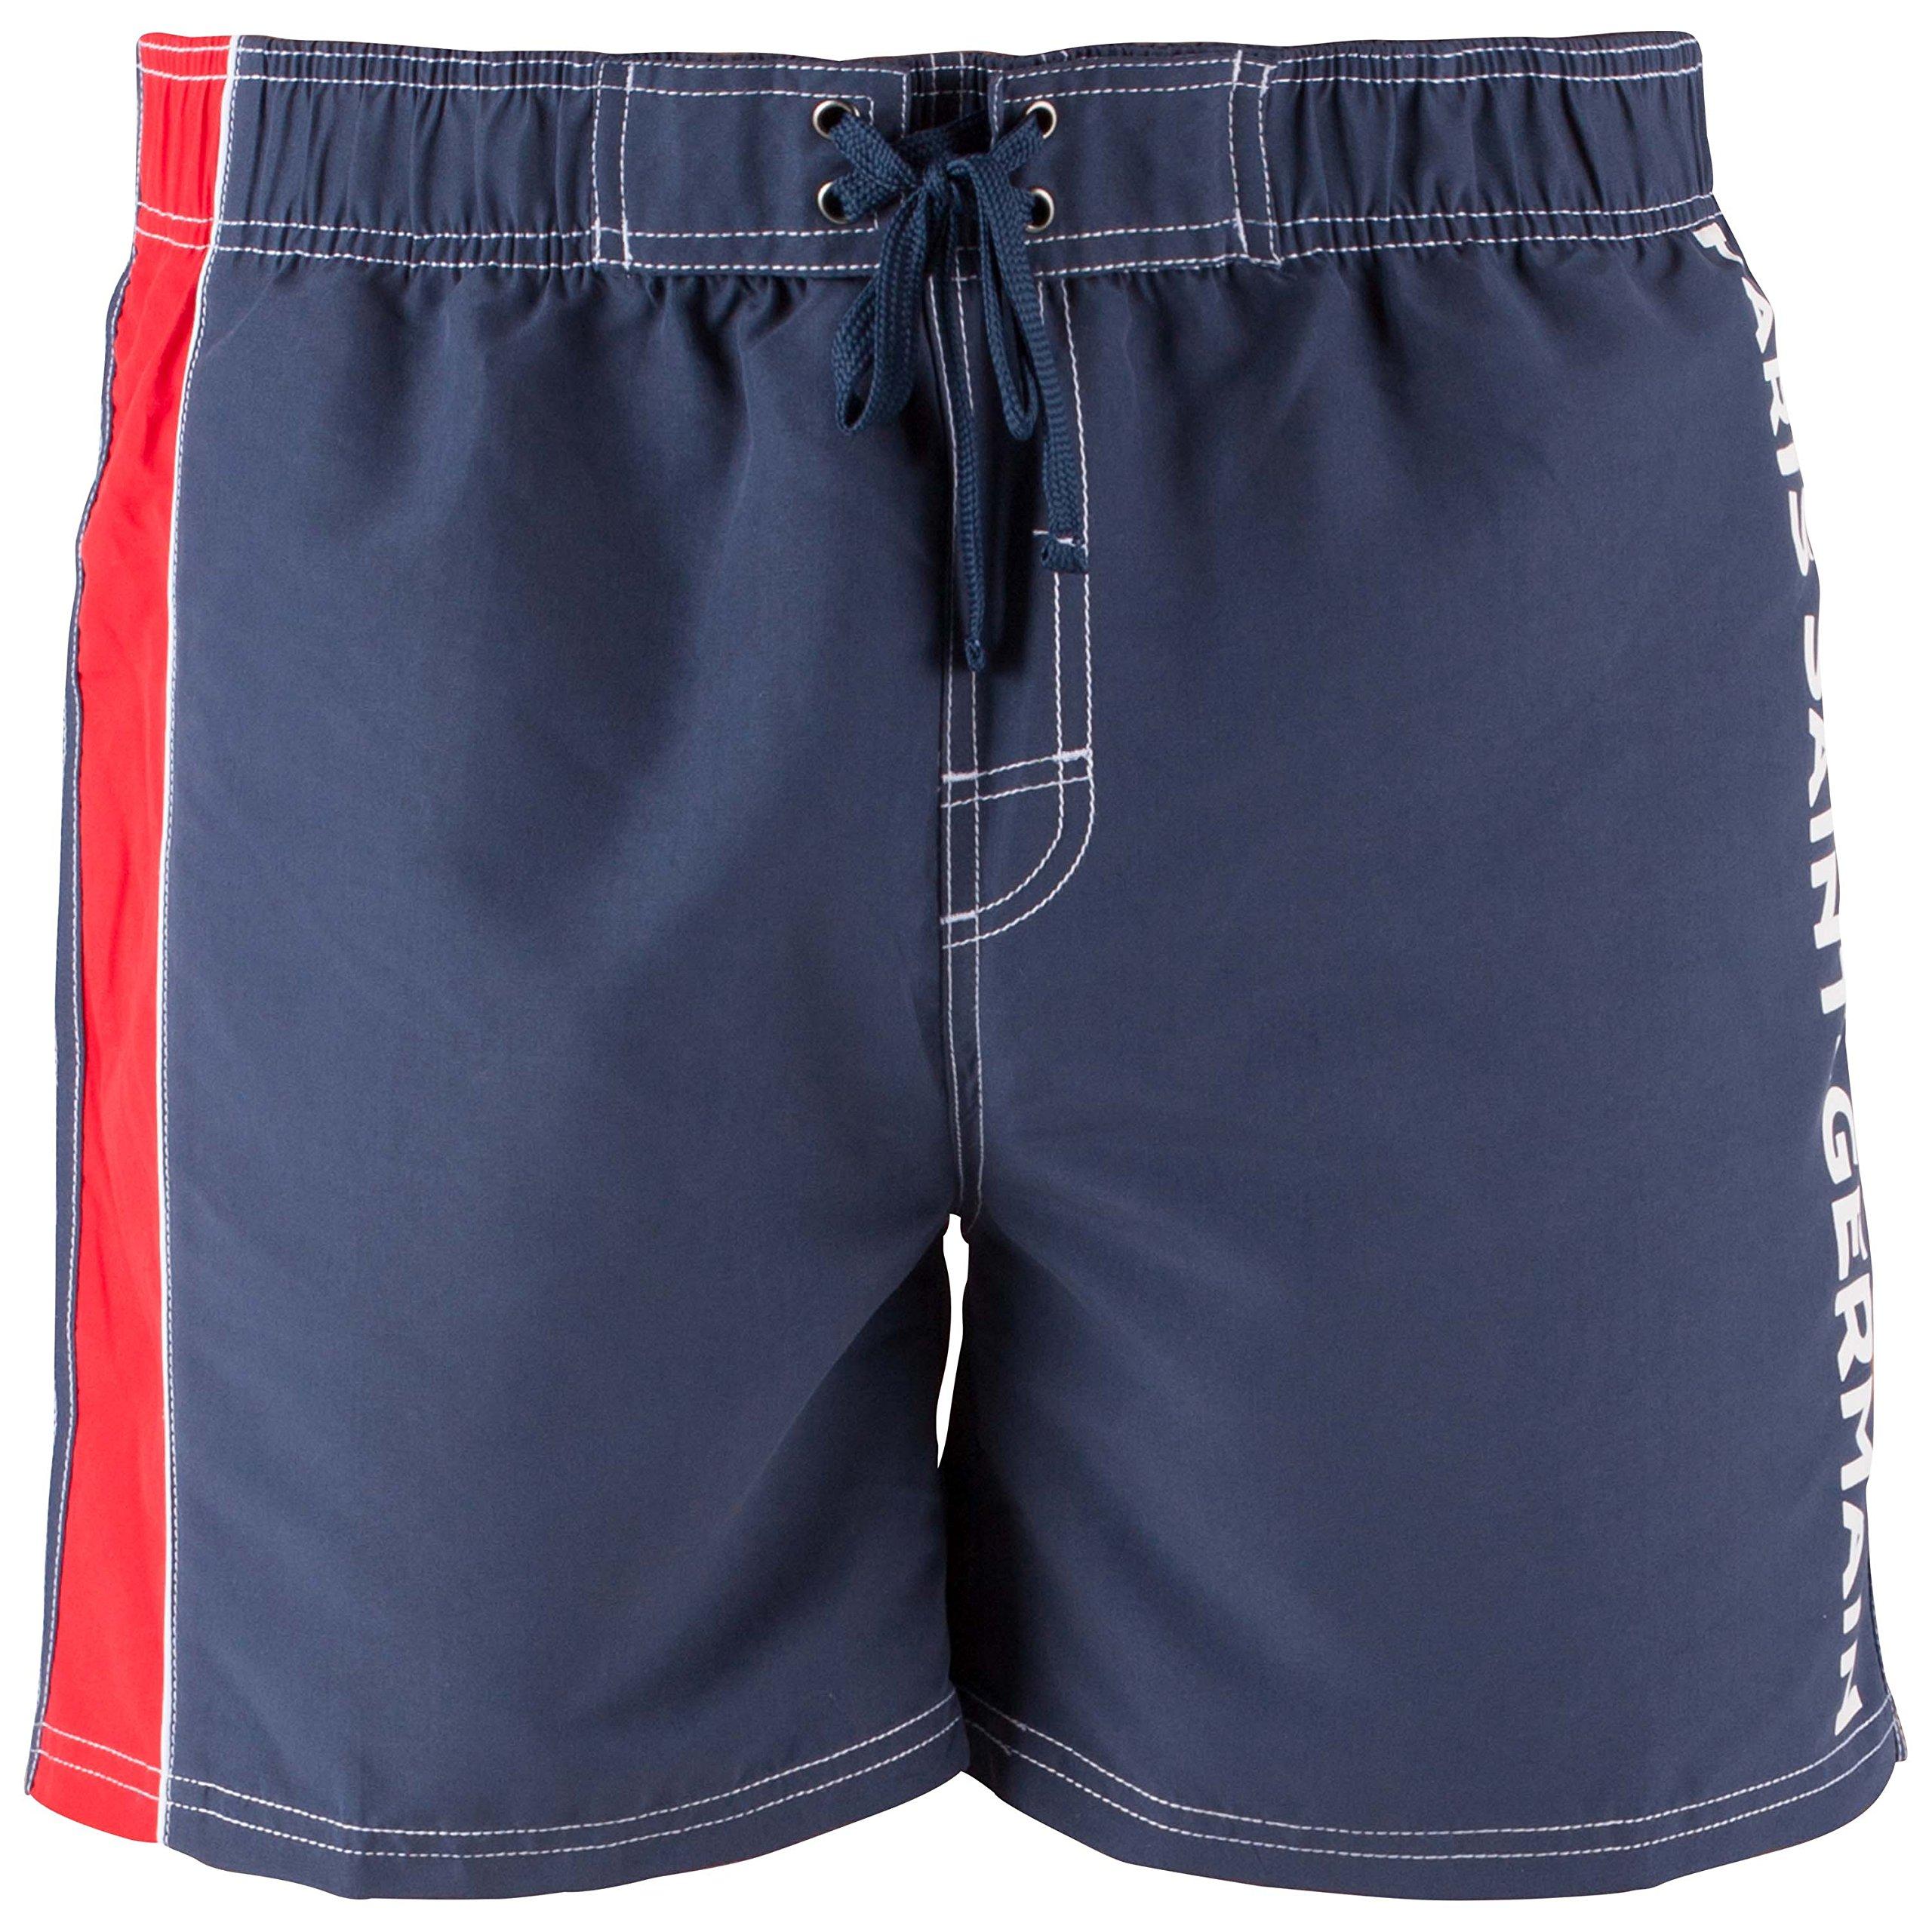 Pantaloncini da bagno, motivo: PSG PARIS SAINT GERMAIN, collezione ufficiale, taglia: bambino, ragaz